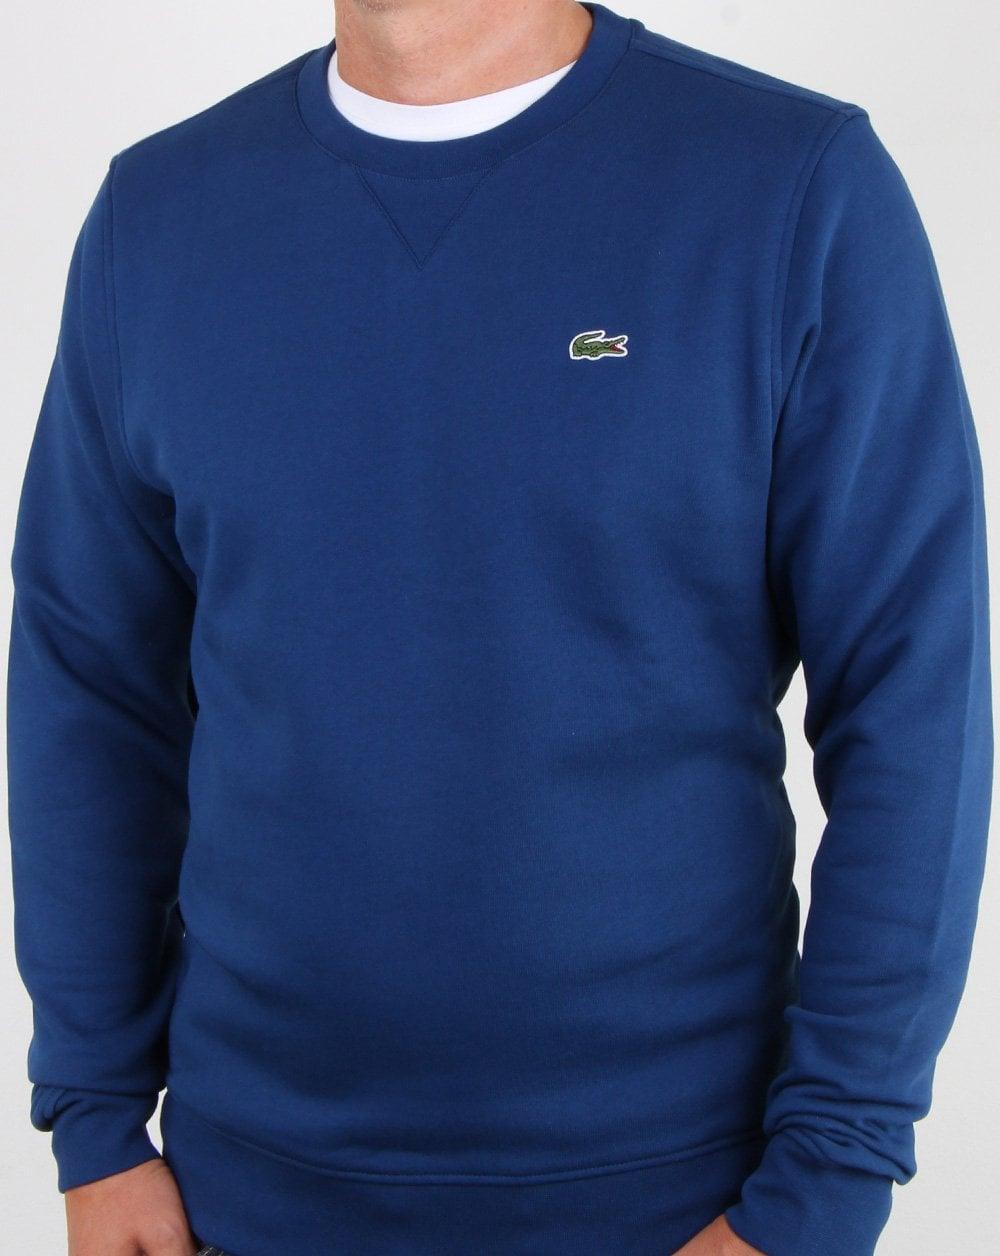 69cf5ec36b Lacoste Crew Neck Sweatshirt Inkwell Blue, Mens,Sweat,Crew,Croc,Winter